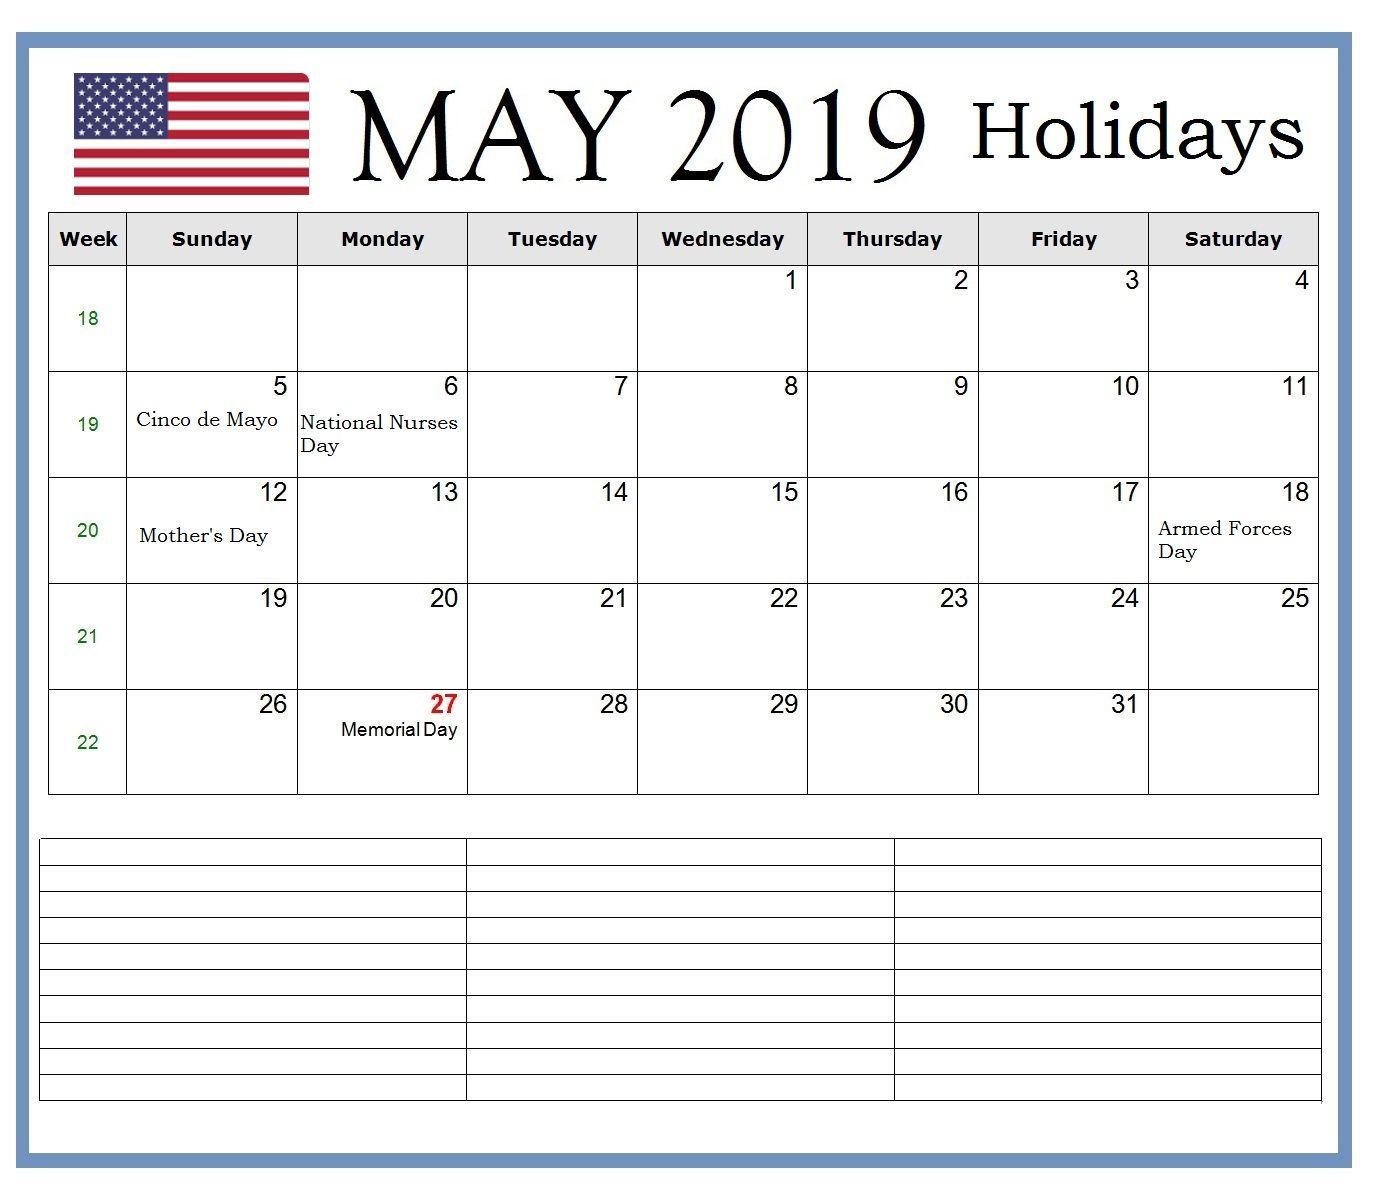 US May 2019 Bank Holidays Calendar Holiday calendar